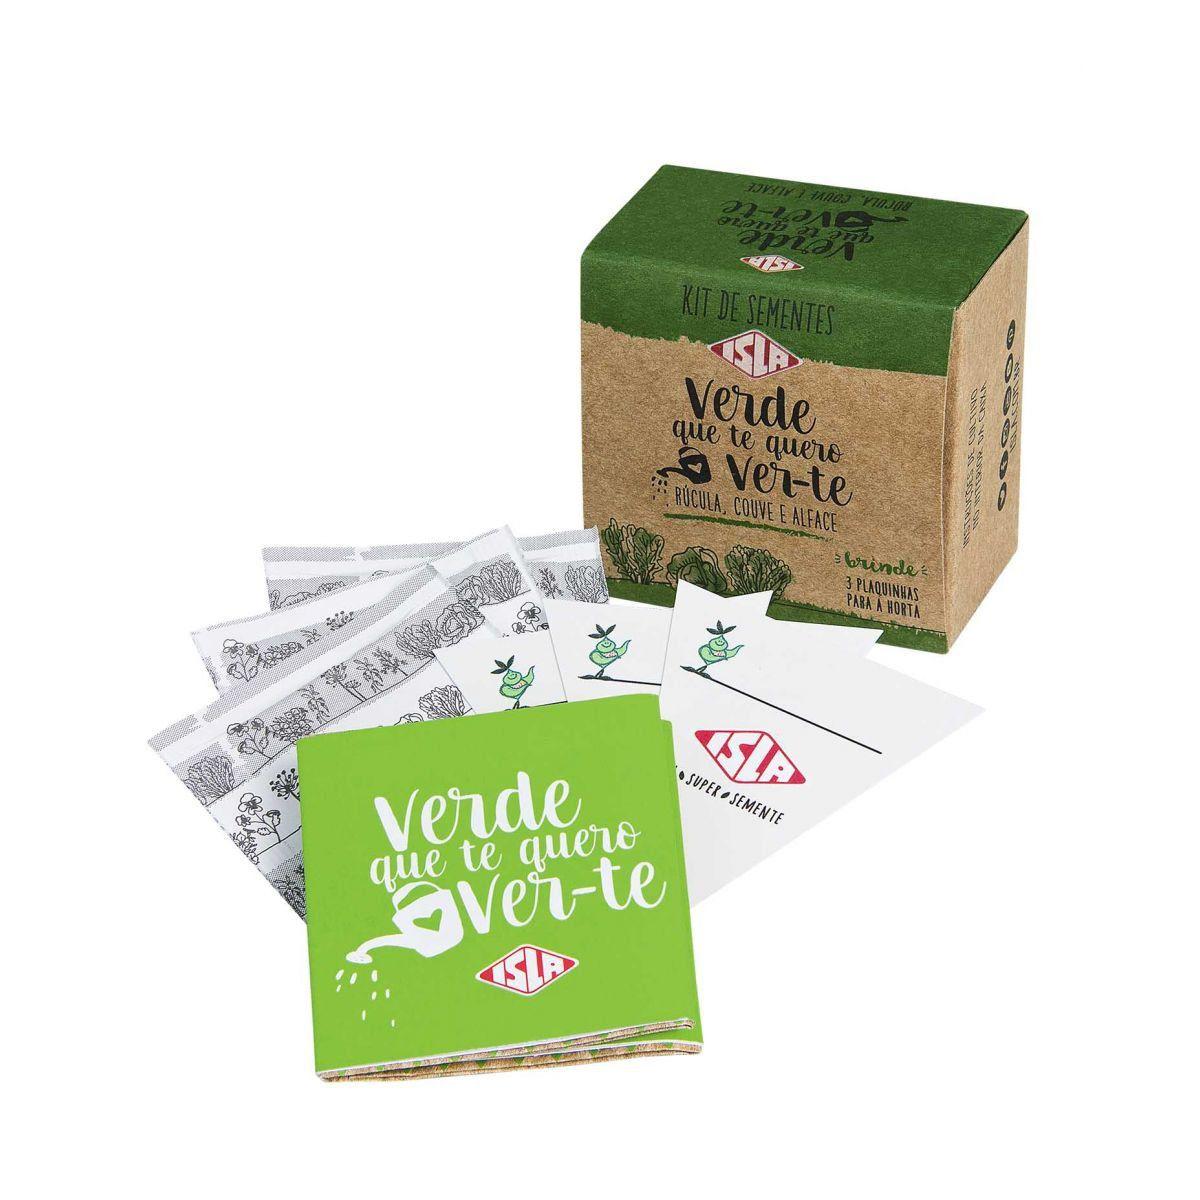 """Kit de Sementes """"Verde que te Quero Ver-te"""" (Alface, Couve e Rúcula)"""